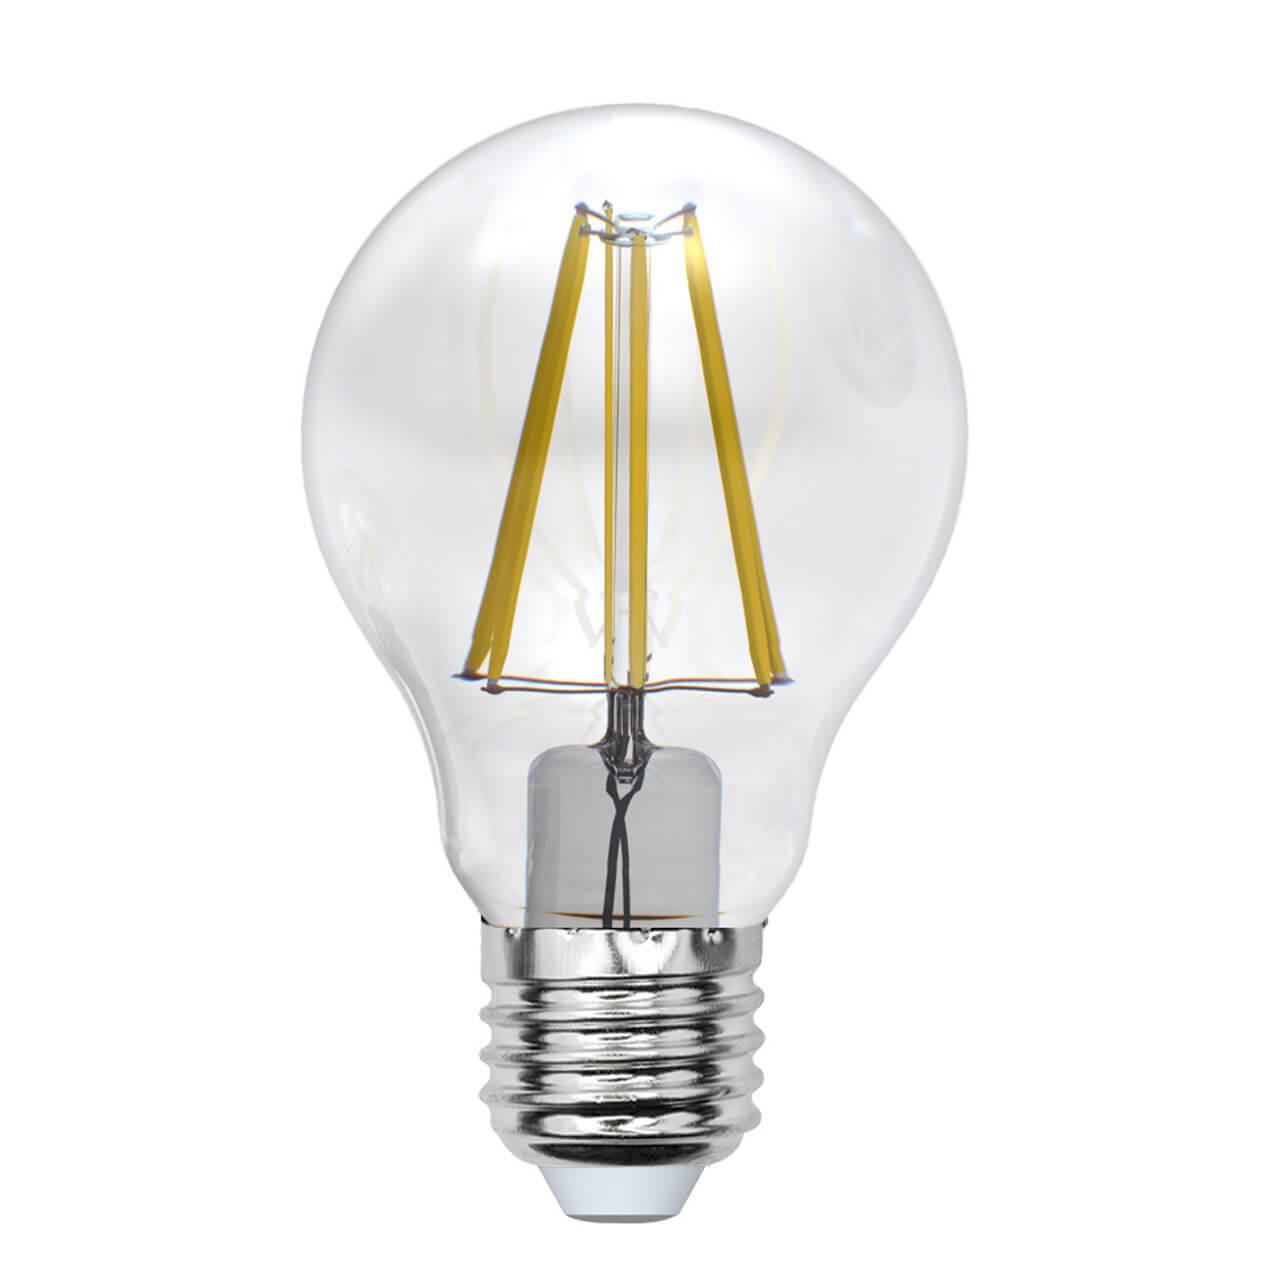 Лампа светодиодная филаментная Uniel E27 7W 3000K прозрачная LED-A60-7W/WW/E27/CL/MB GLM10TR лампа светодиодная филаментная e14 5w 3000k прозрачная led cw35 5w ww e14 cl mb glm10tr